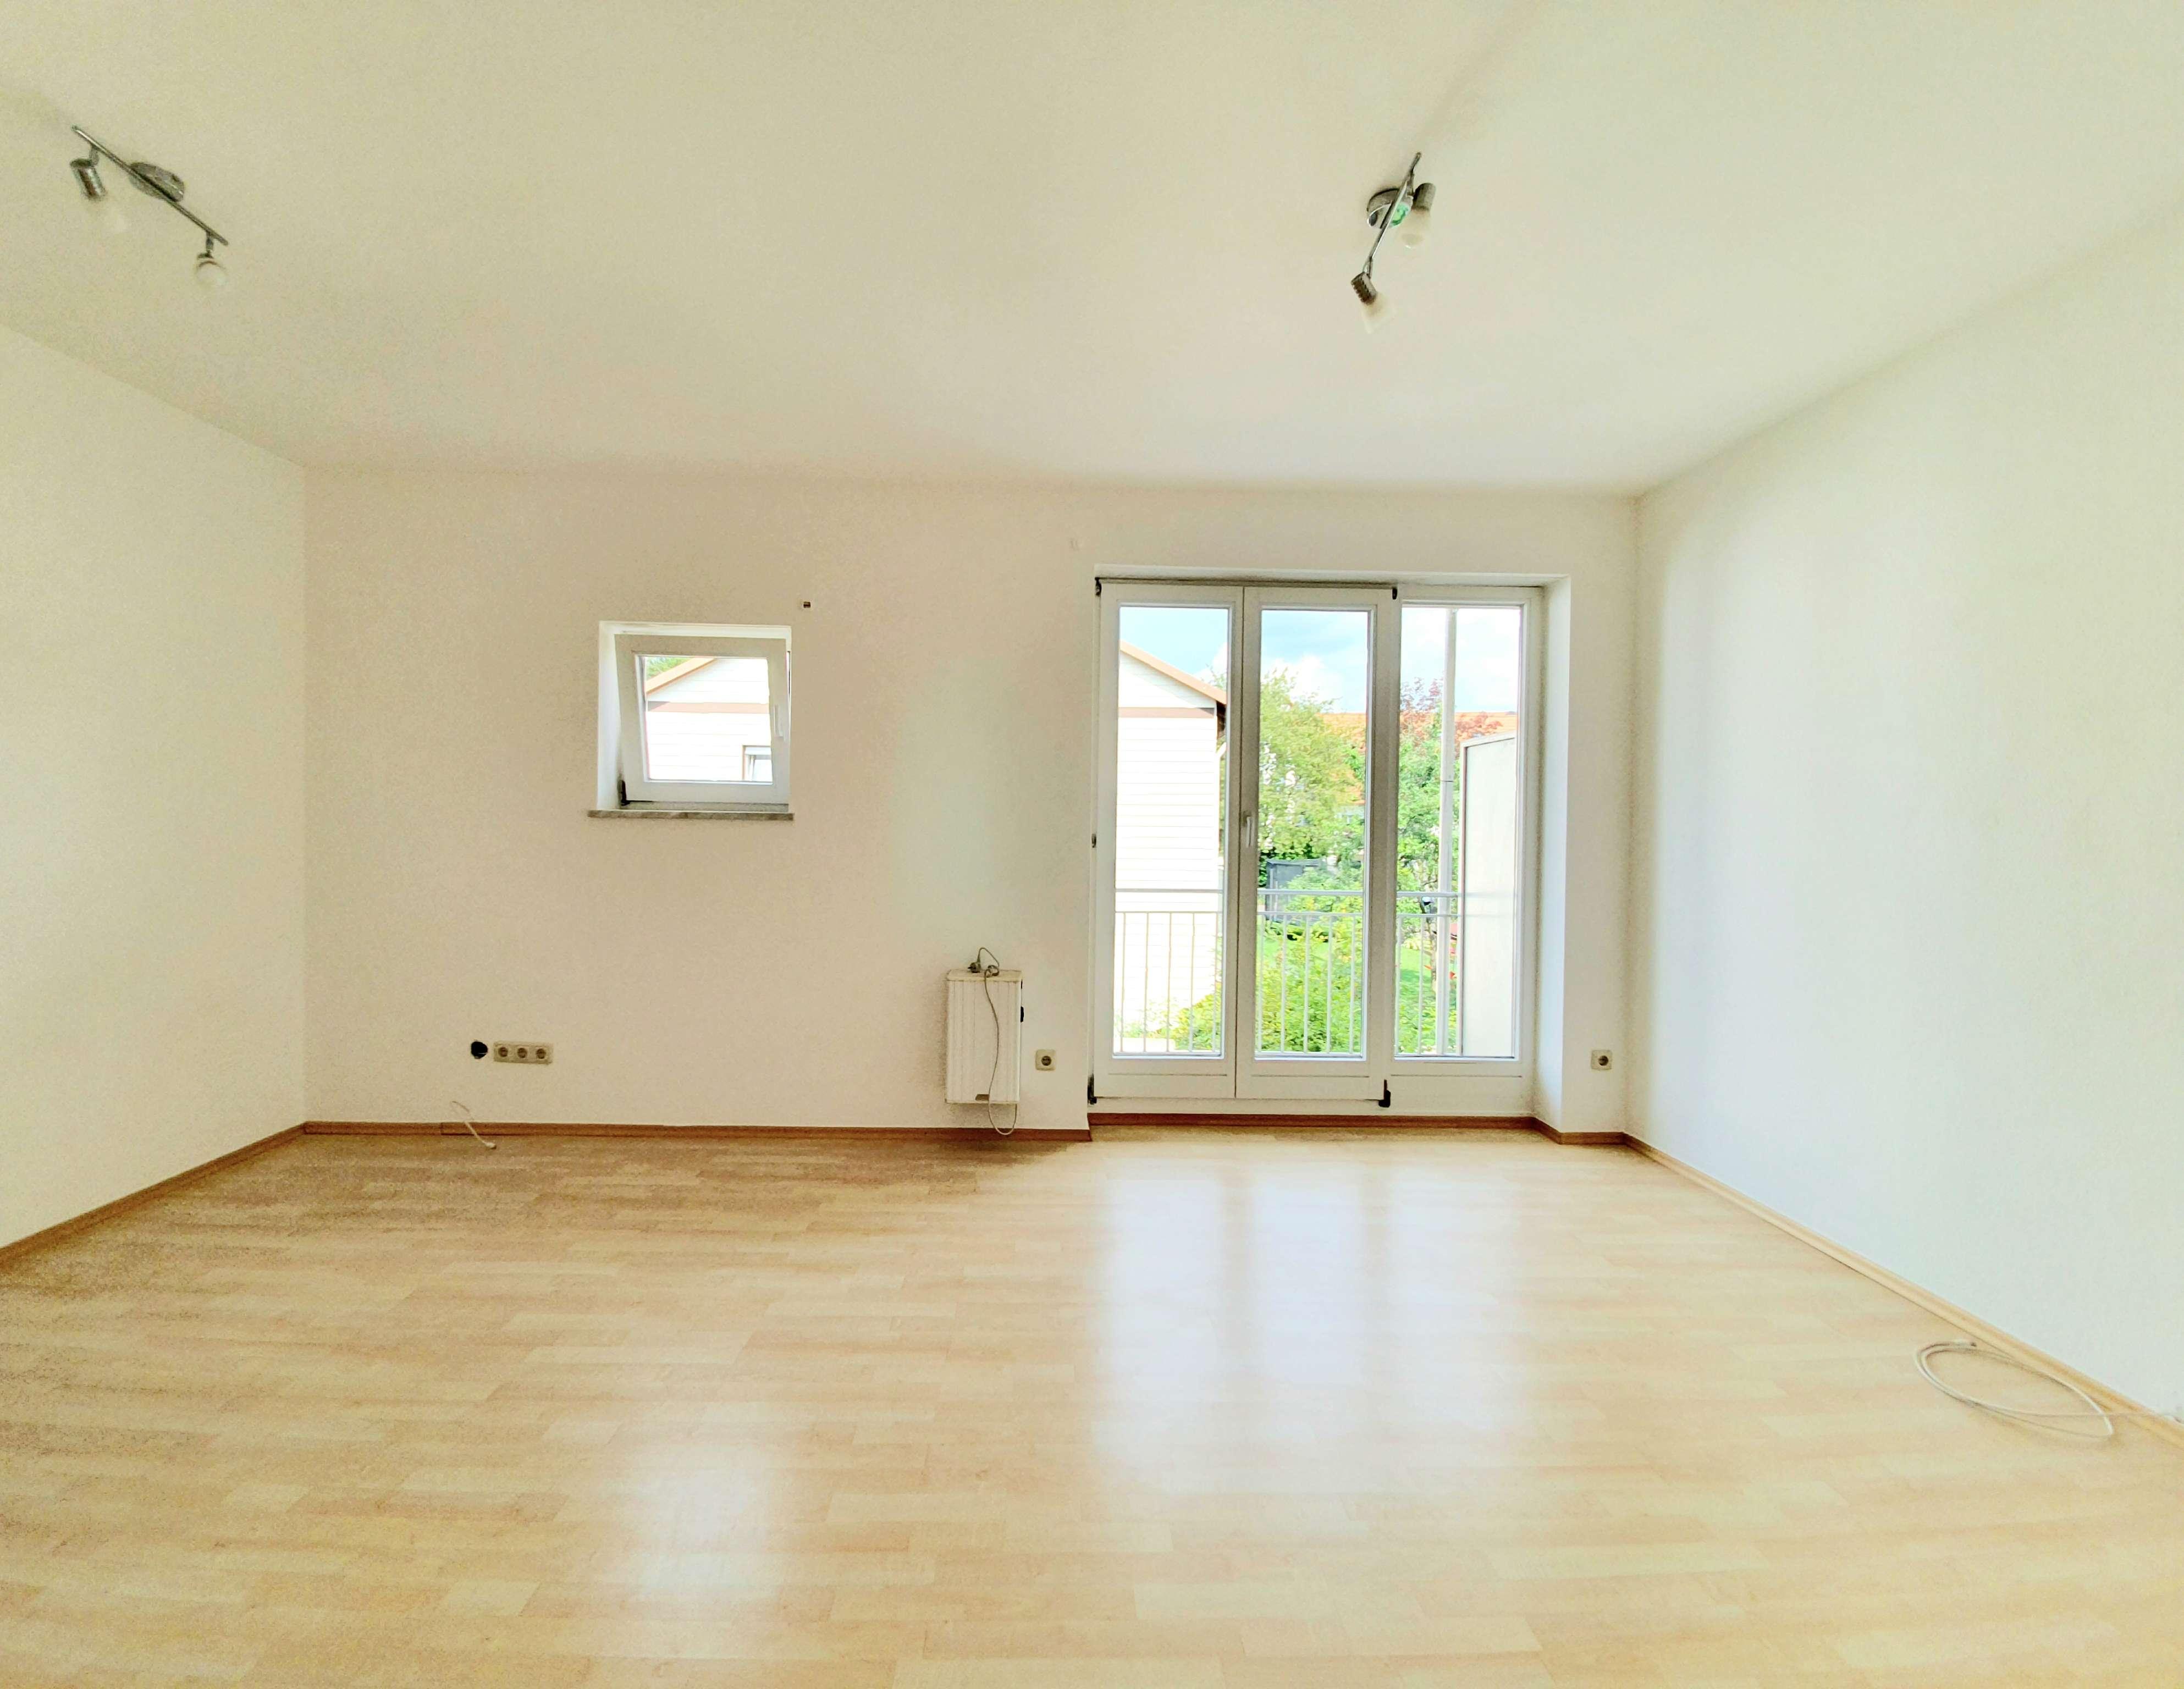 Schöne 1- Zimmer Wohnung in ruhiger Wohnanlage  mit Balkon in Neufahrn bei Freising